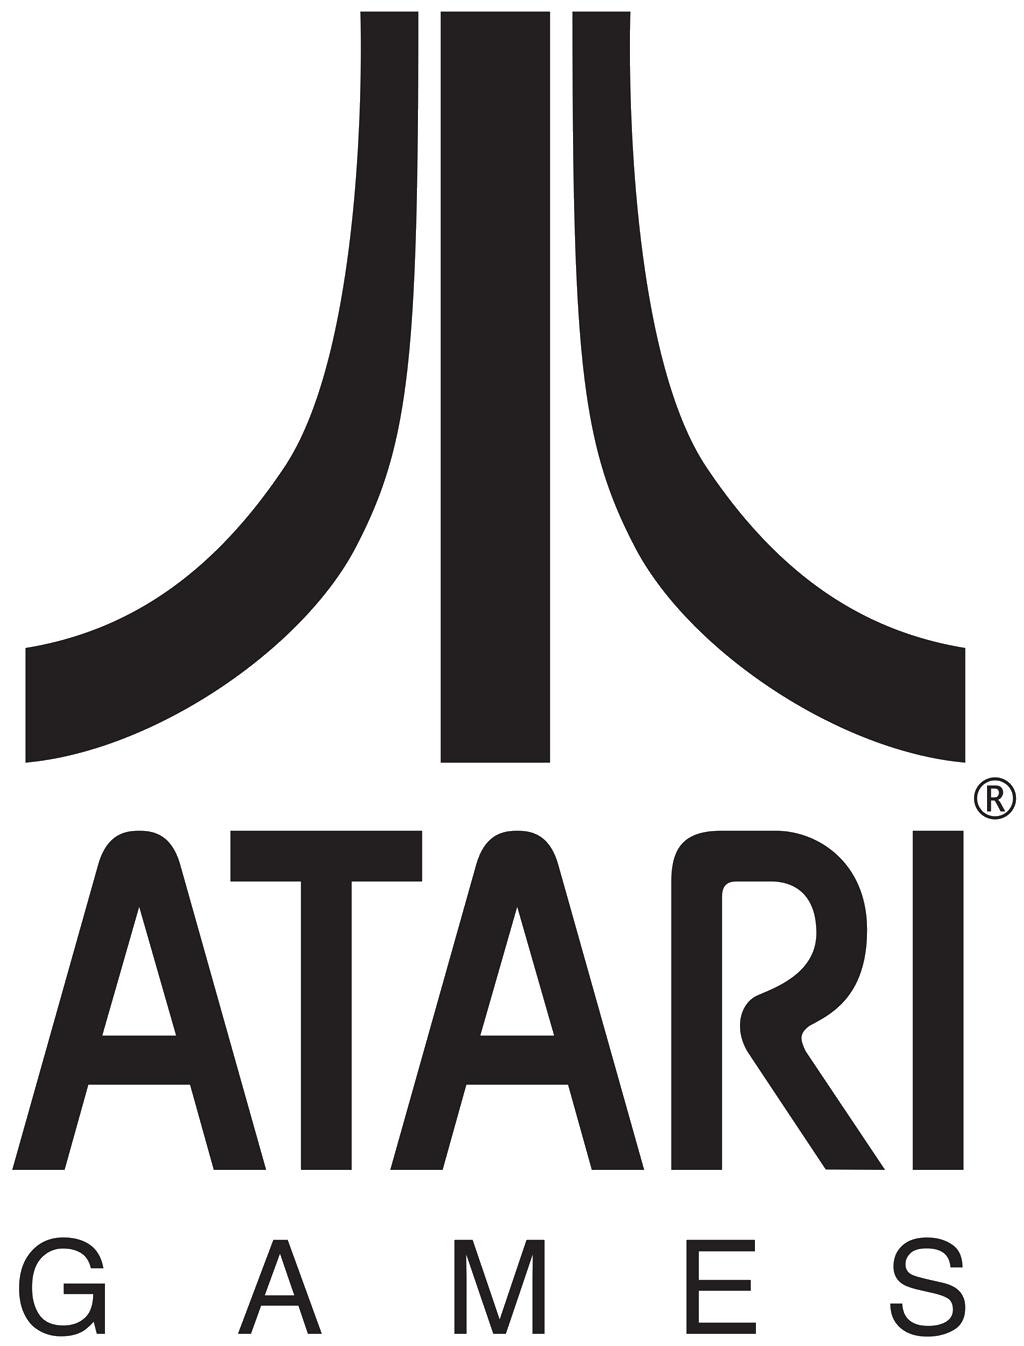 File:Atari Games logo.png - Atari Logo PNG